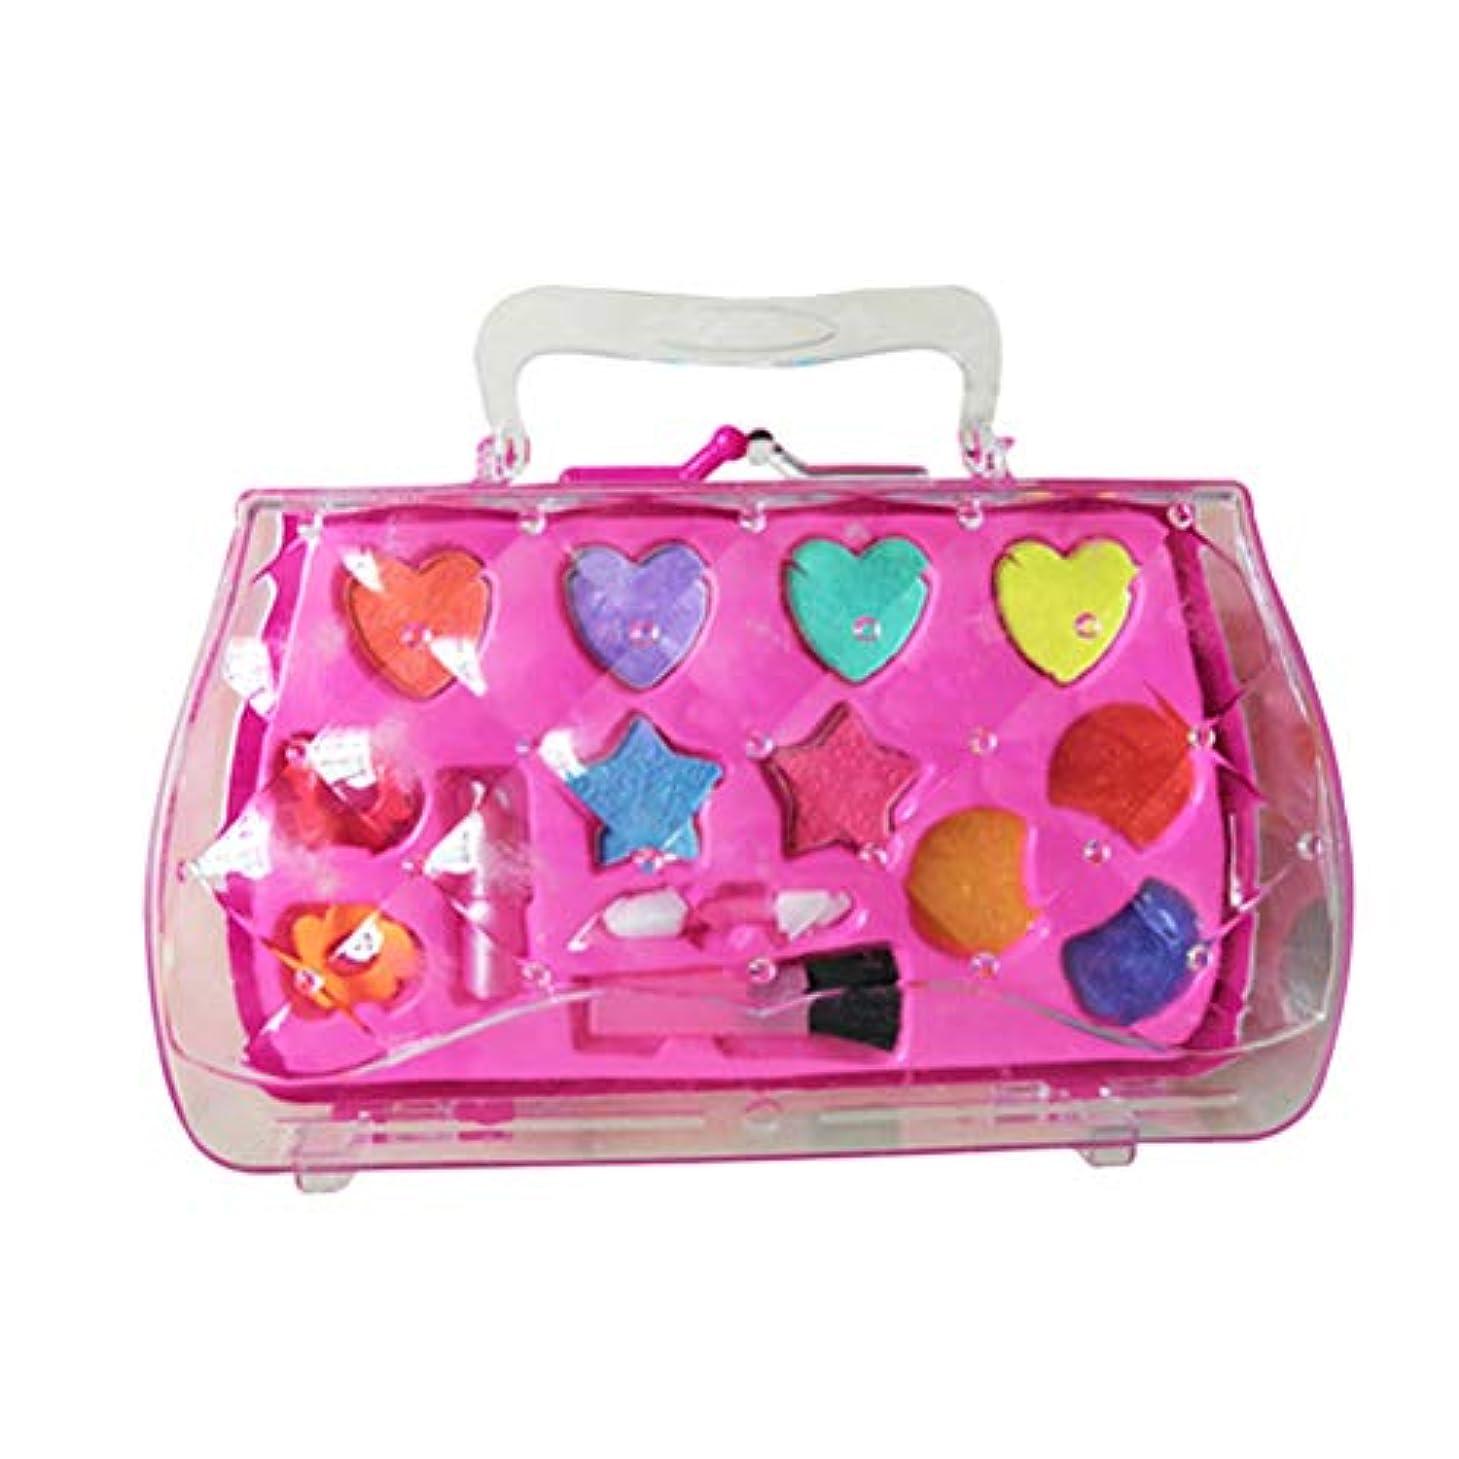 入場料会計士項目Toyvian 女の子はおもちゃのセットを作る化粧品キットの口紅アイシャドーブラシ子供のためのおもちゃを作る女の子(ピンク)